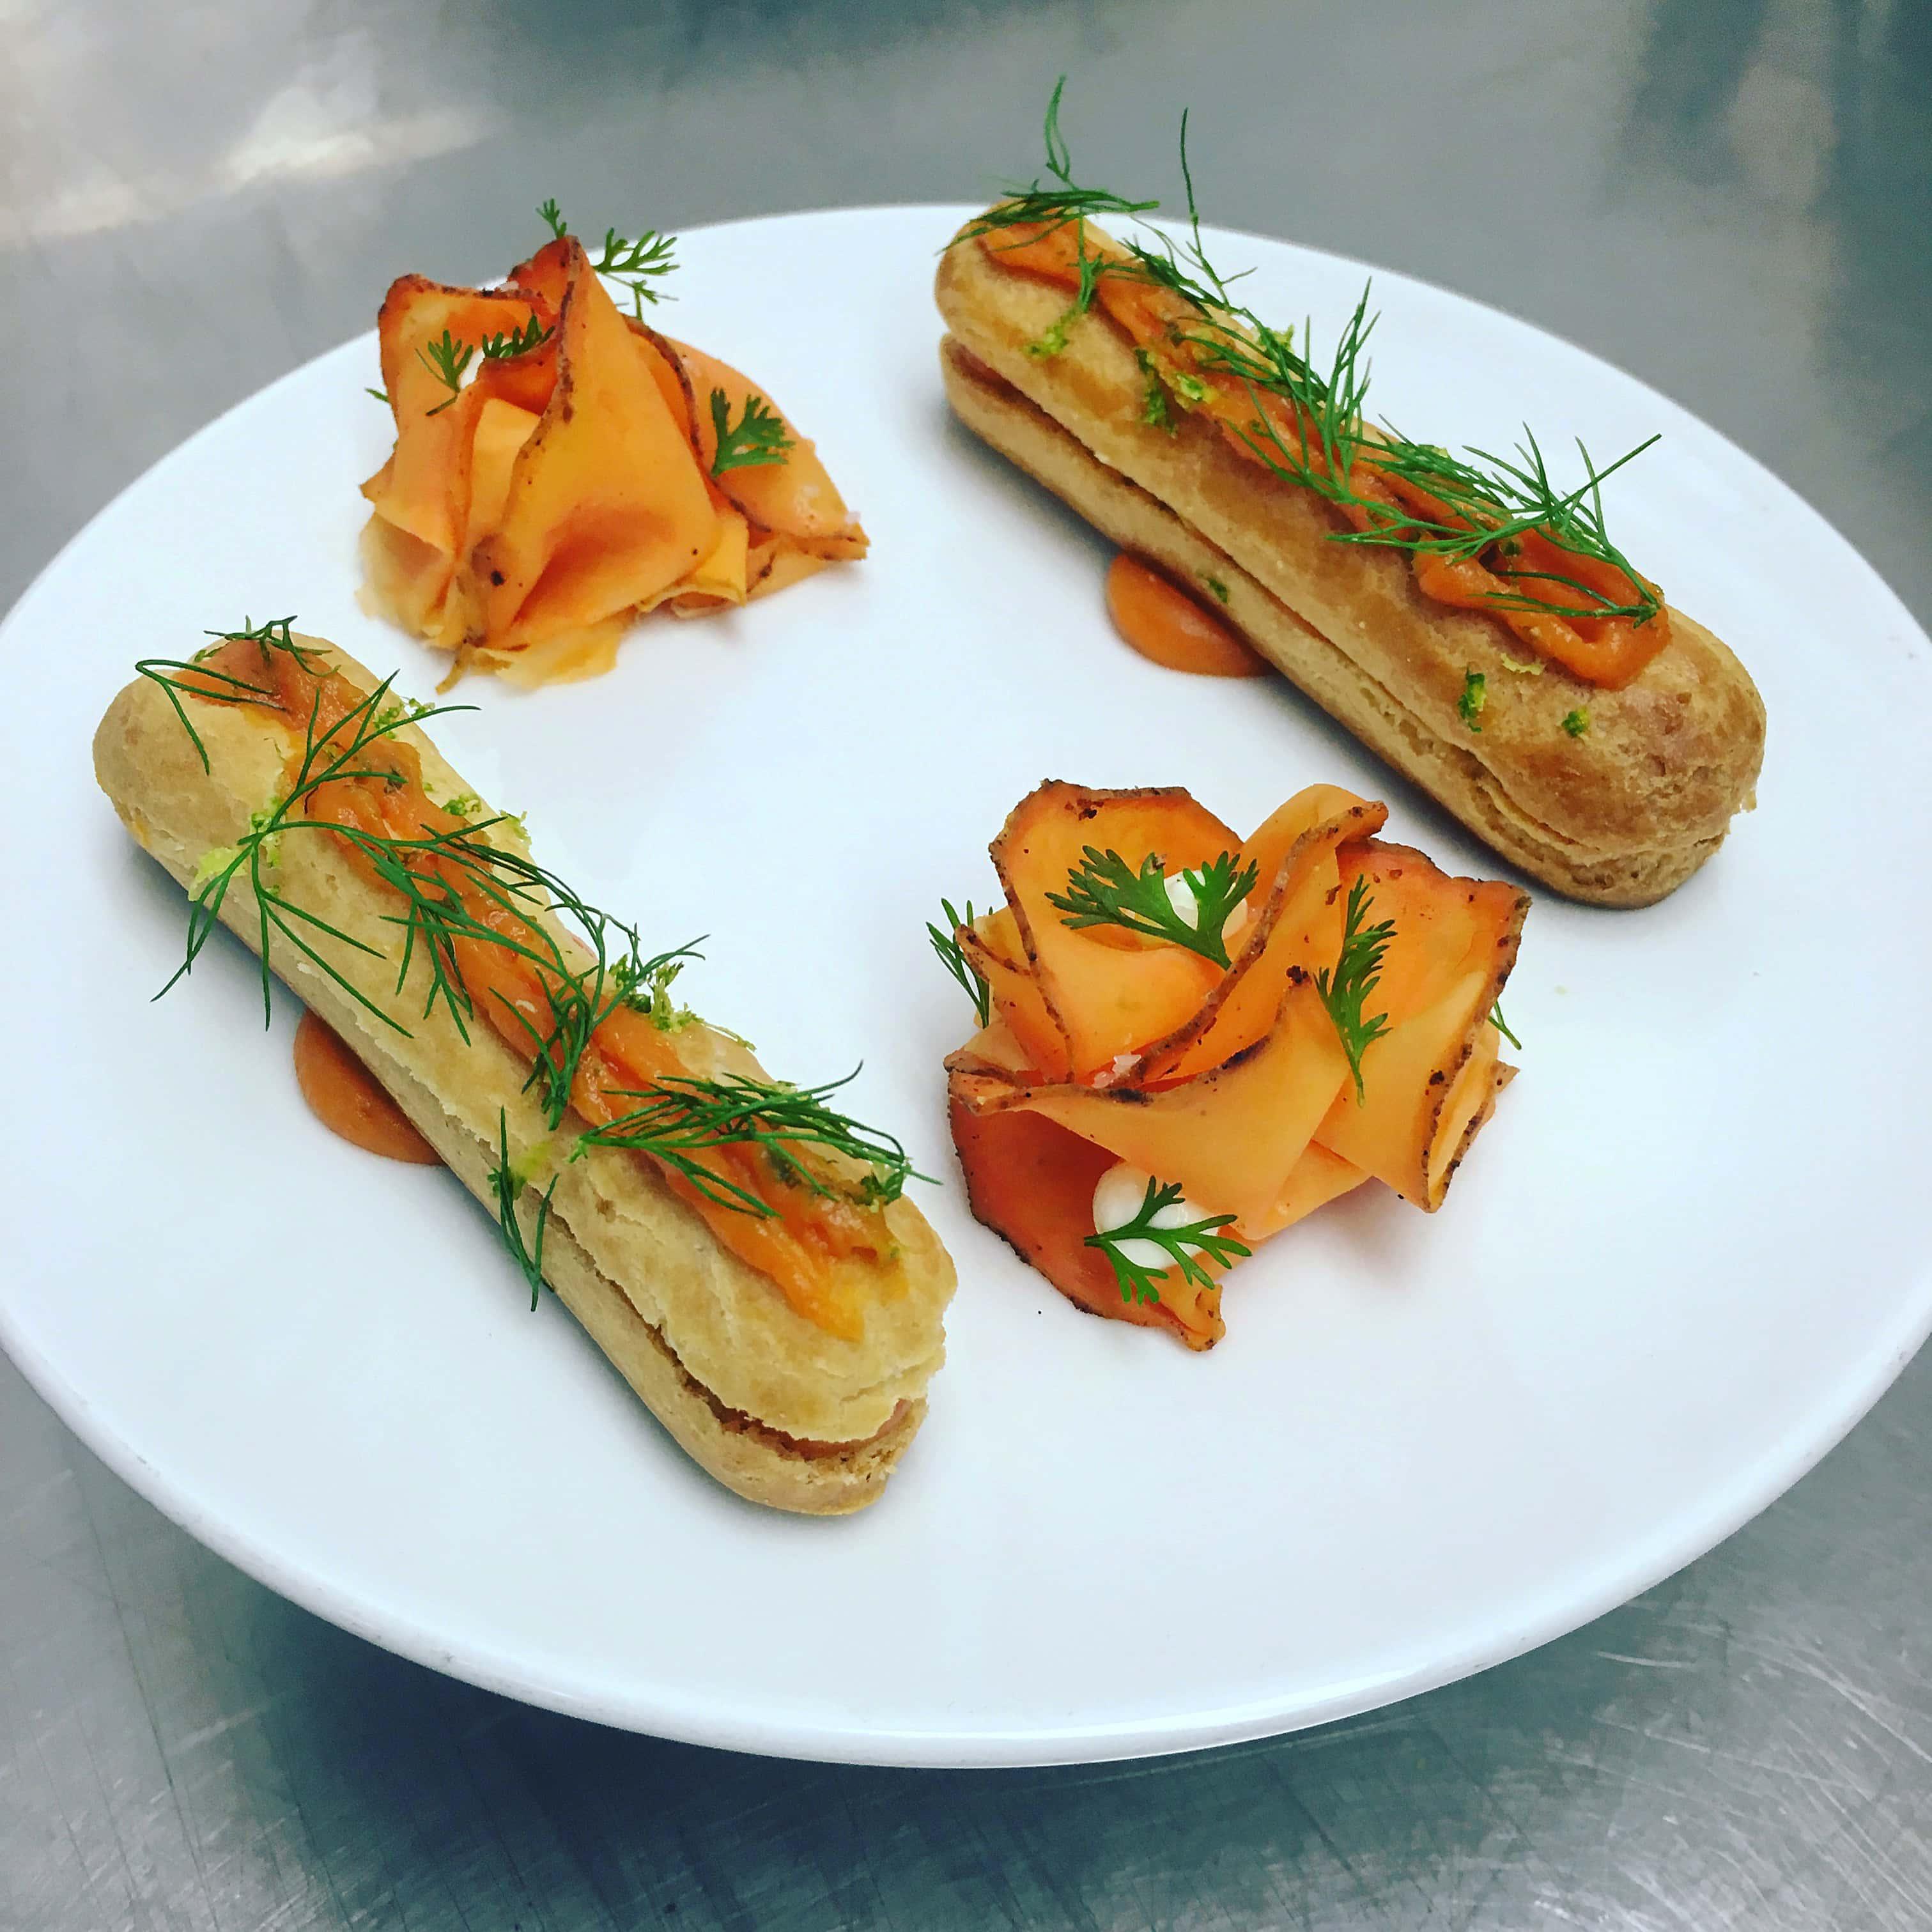 m-mme-laurier-ouest-menu-vege-1